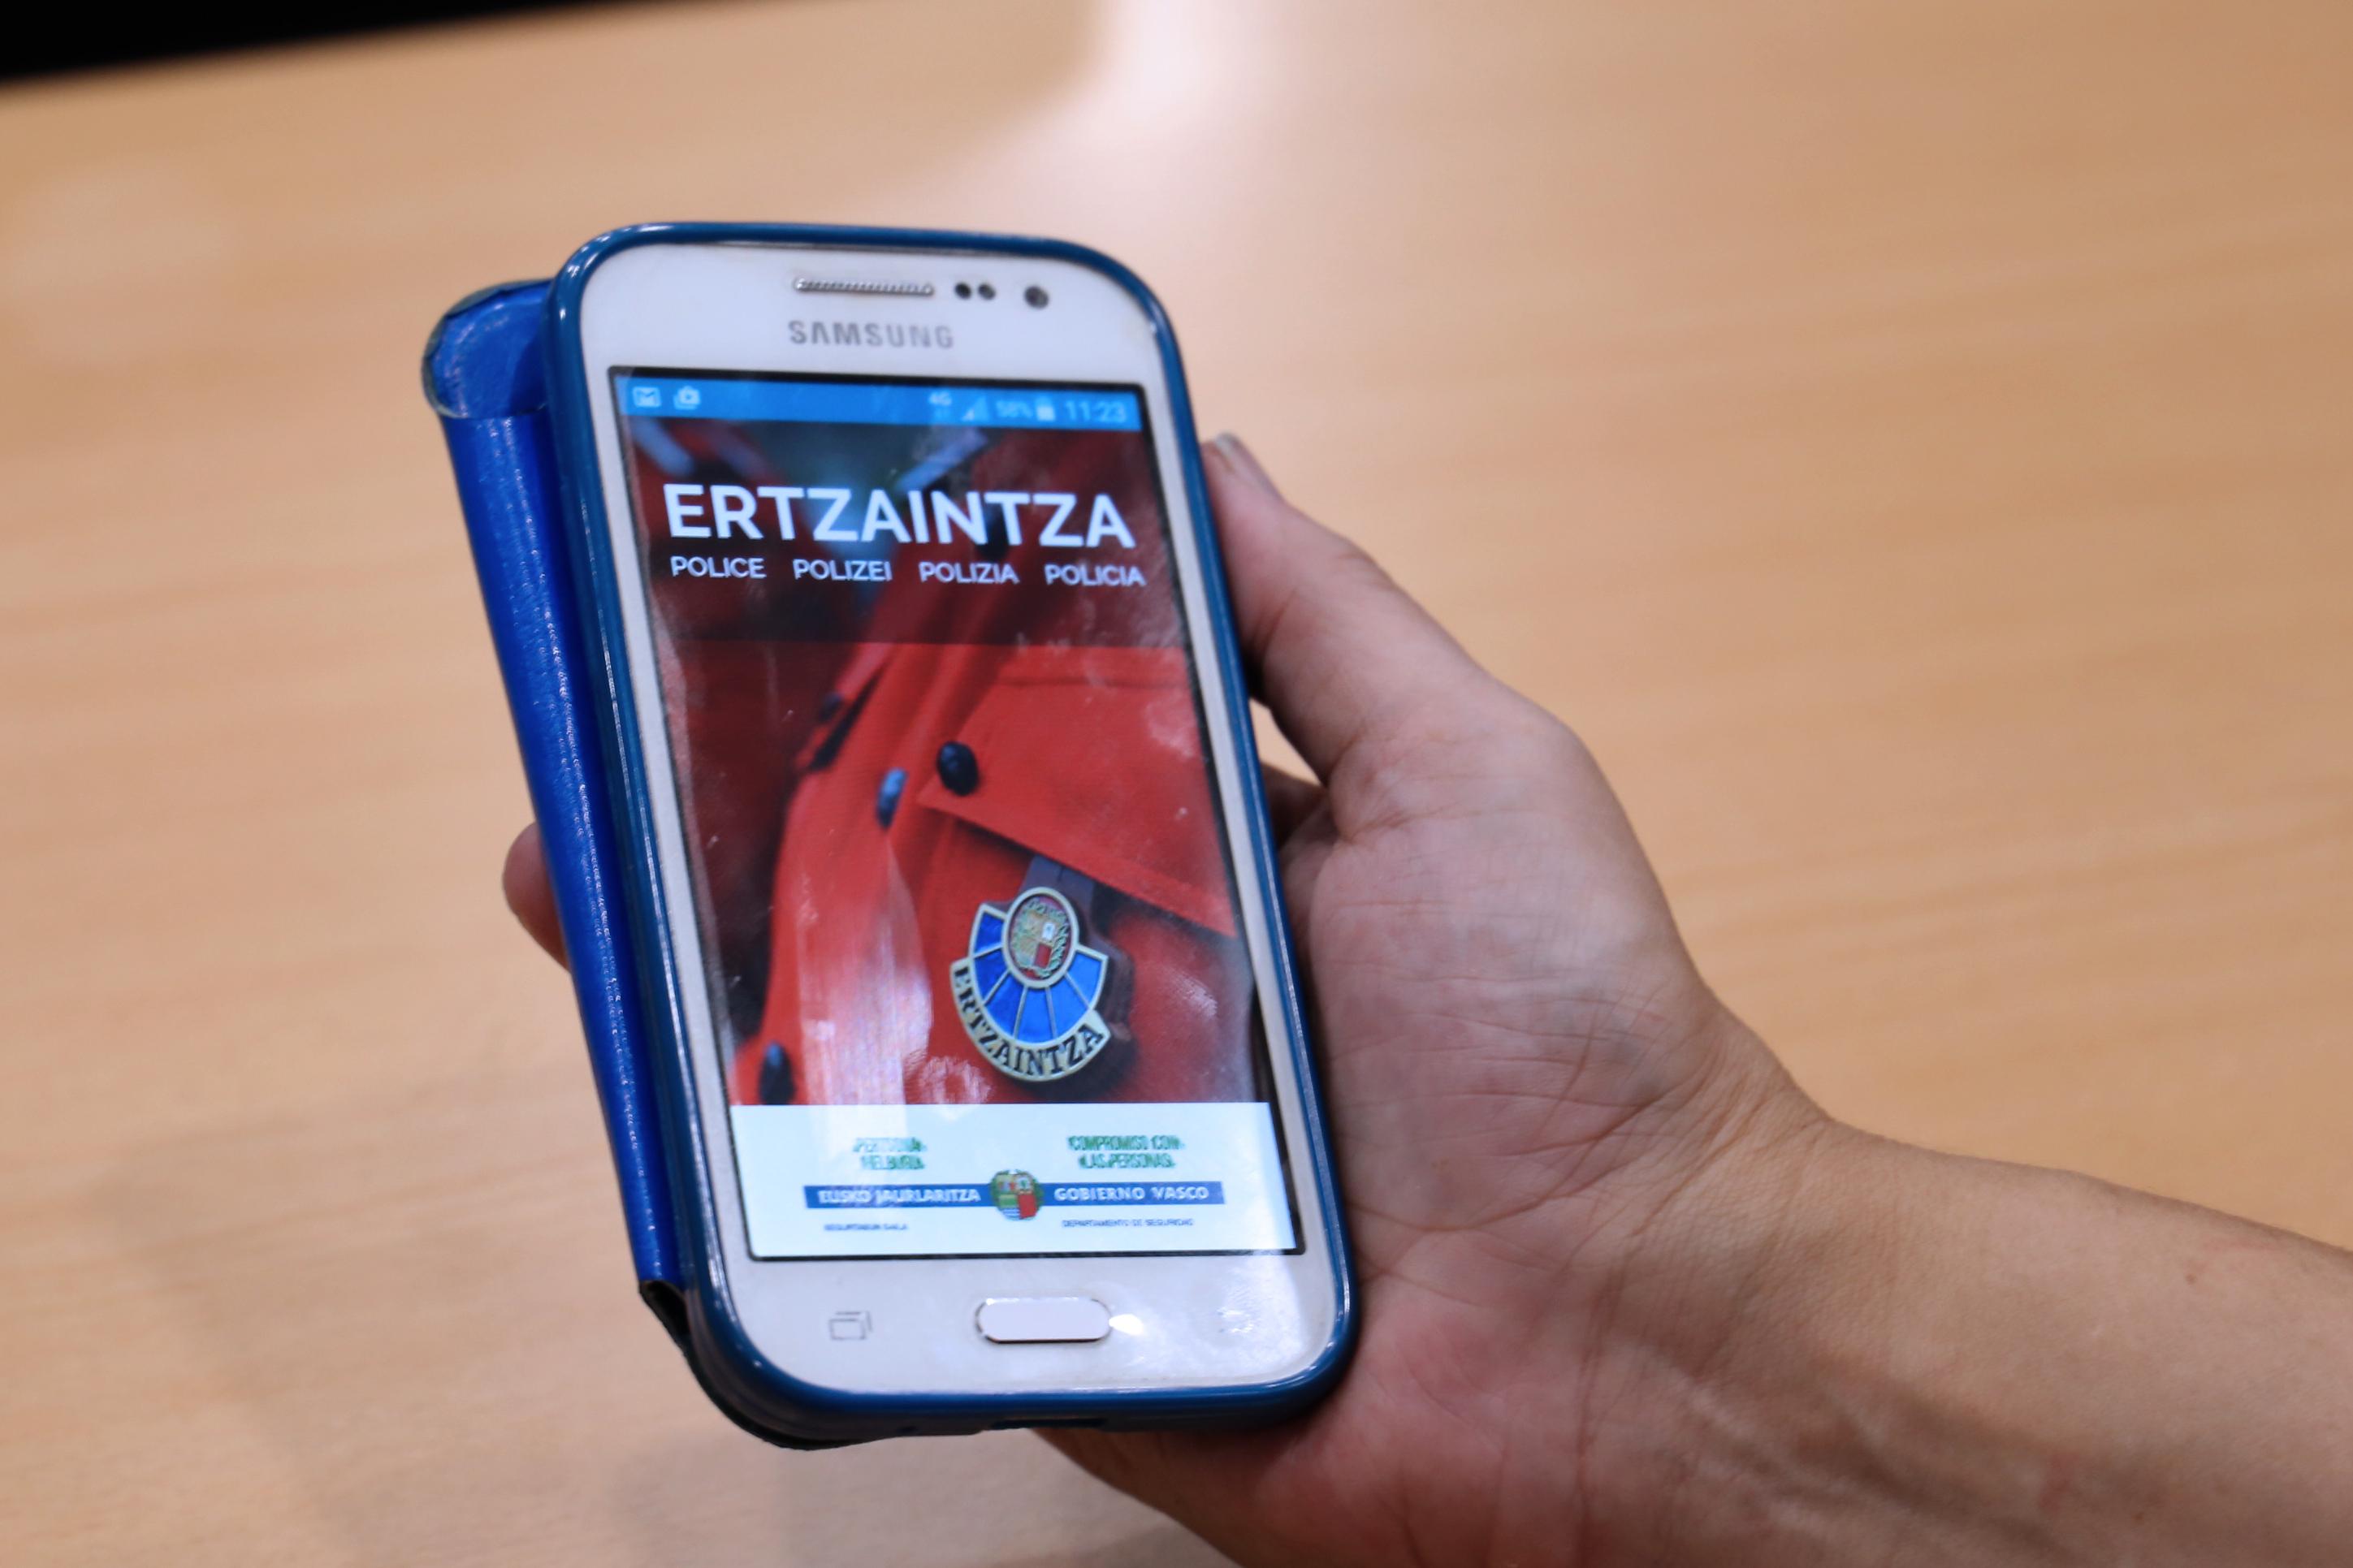 beltran_heredia_nueva_app_ertzaintza_04.jpg